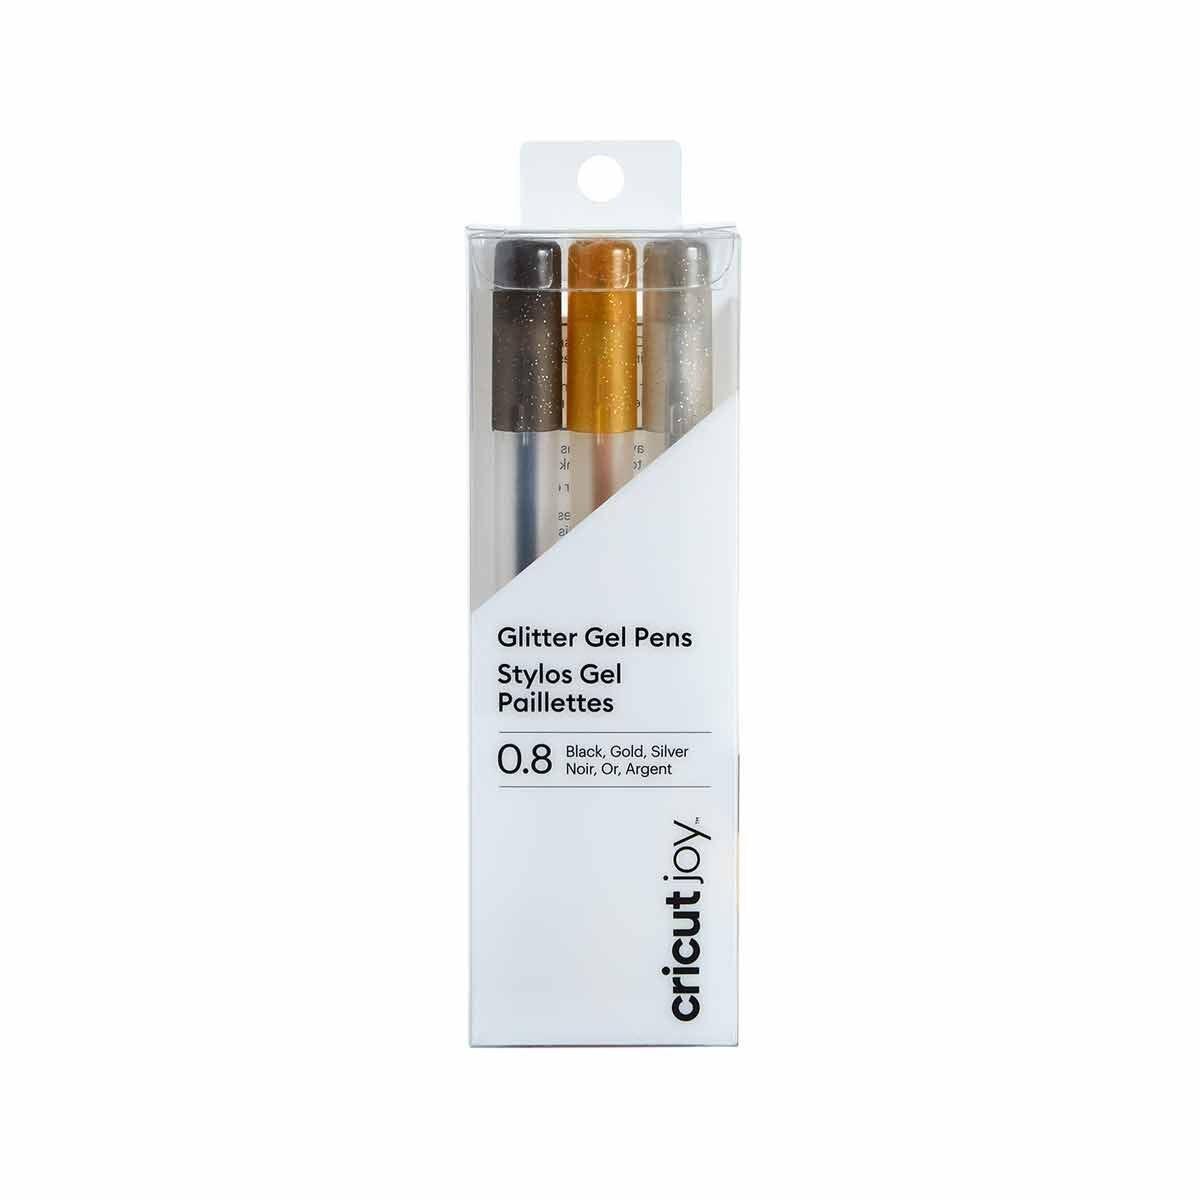 Cricut Joy Glitter Gel Pen Set Black/Gold/Silver